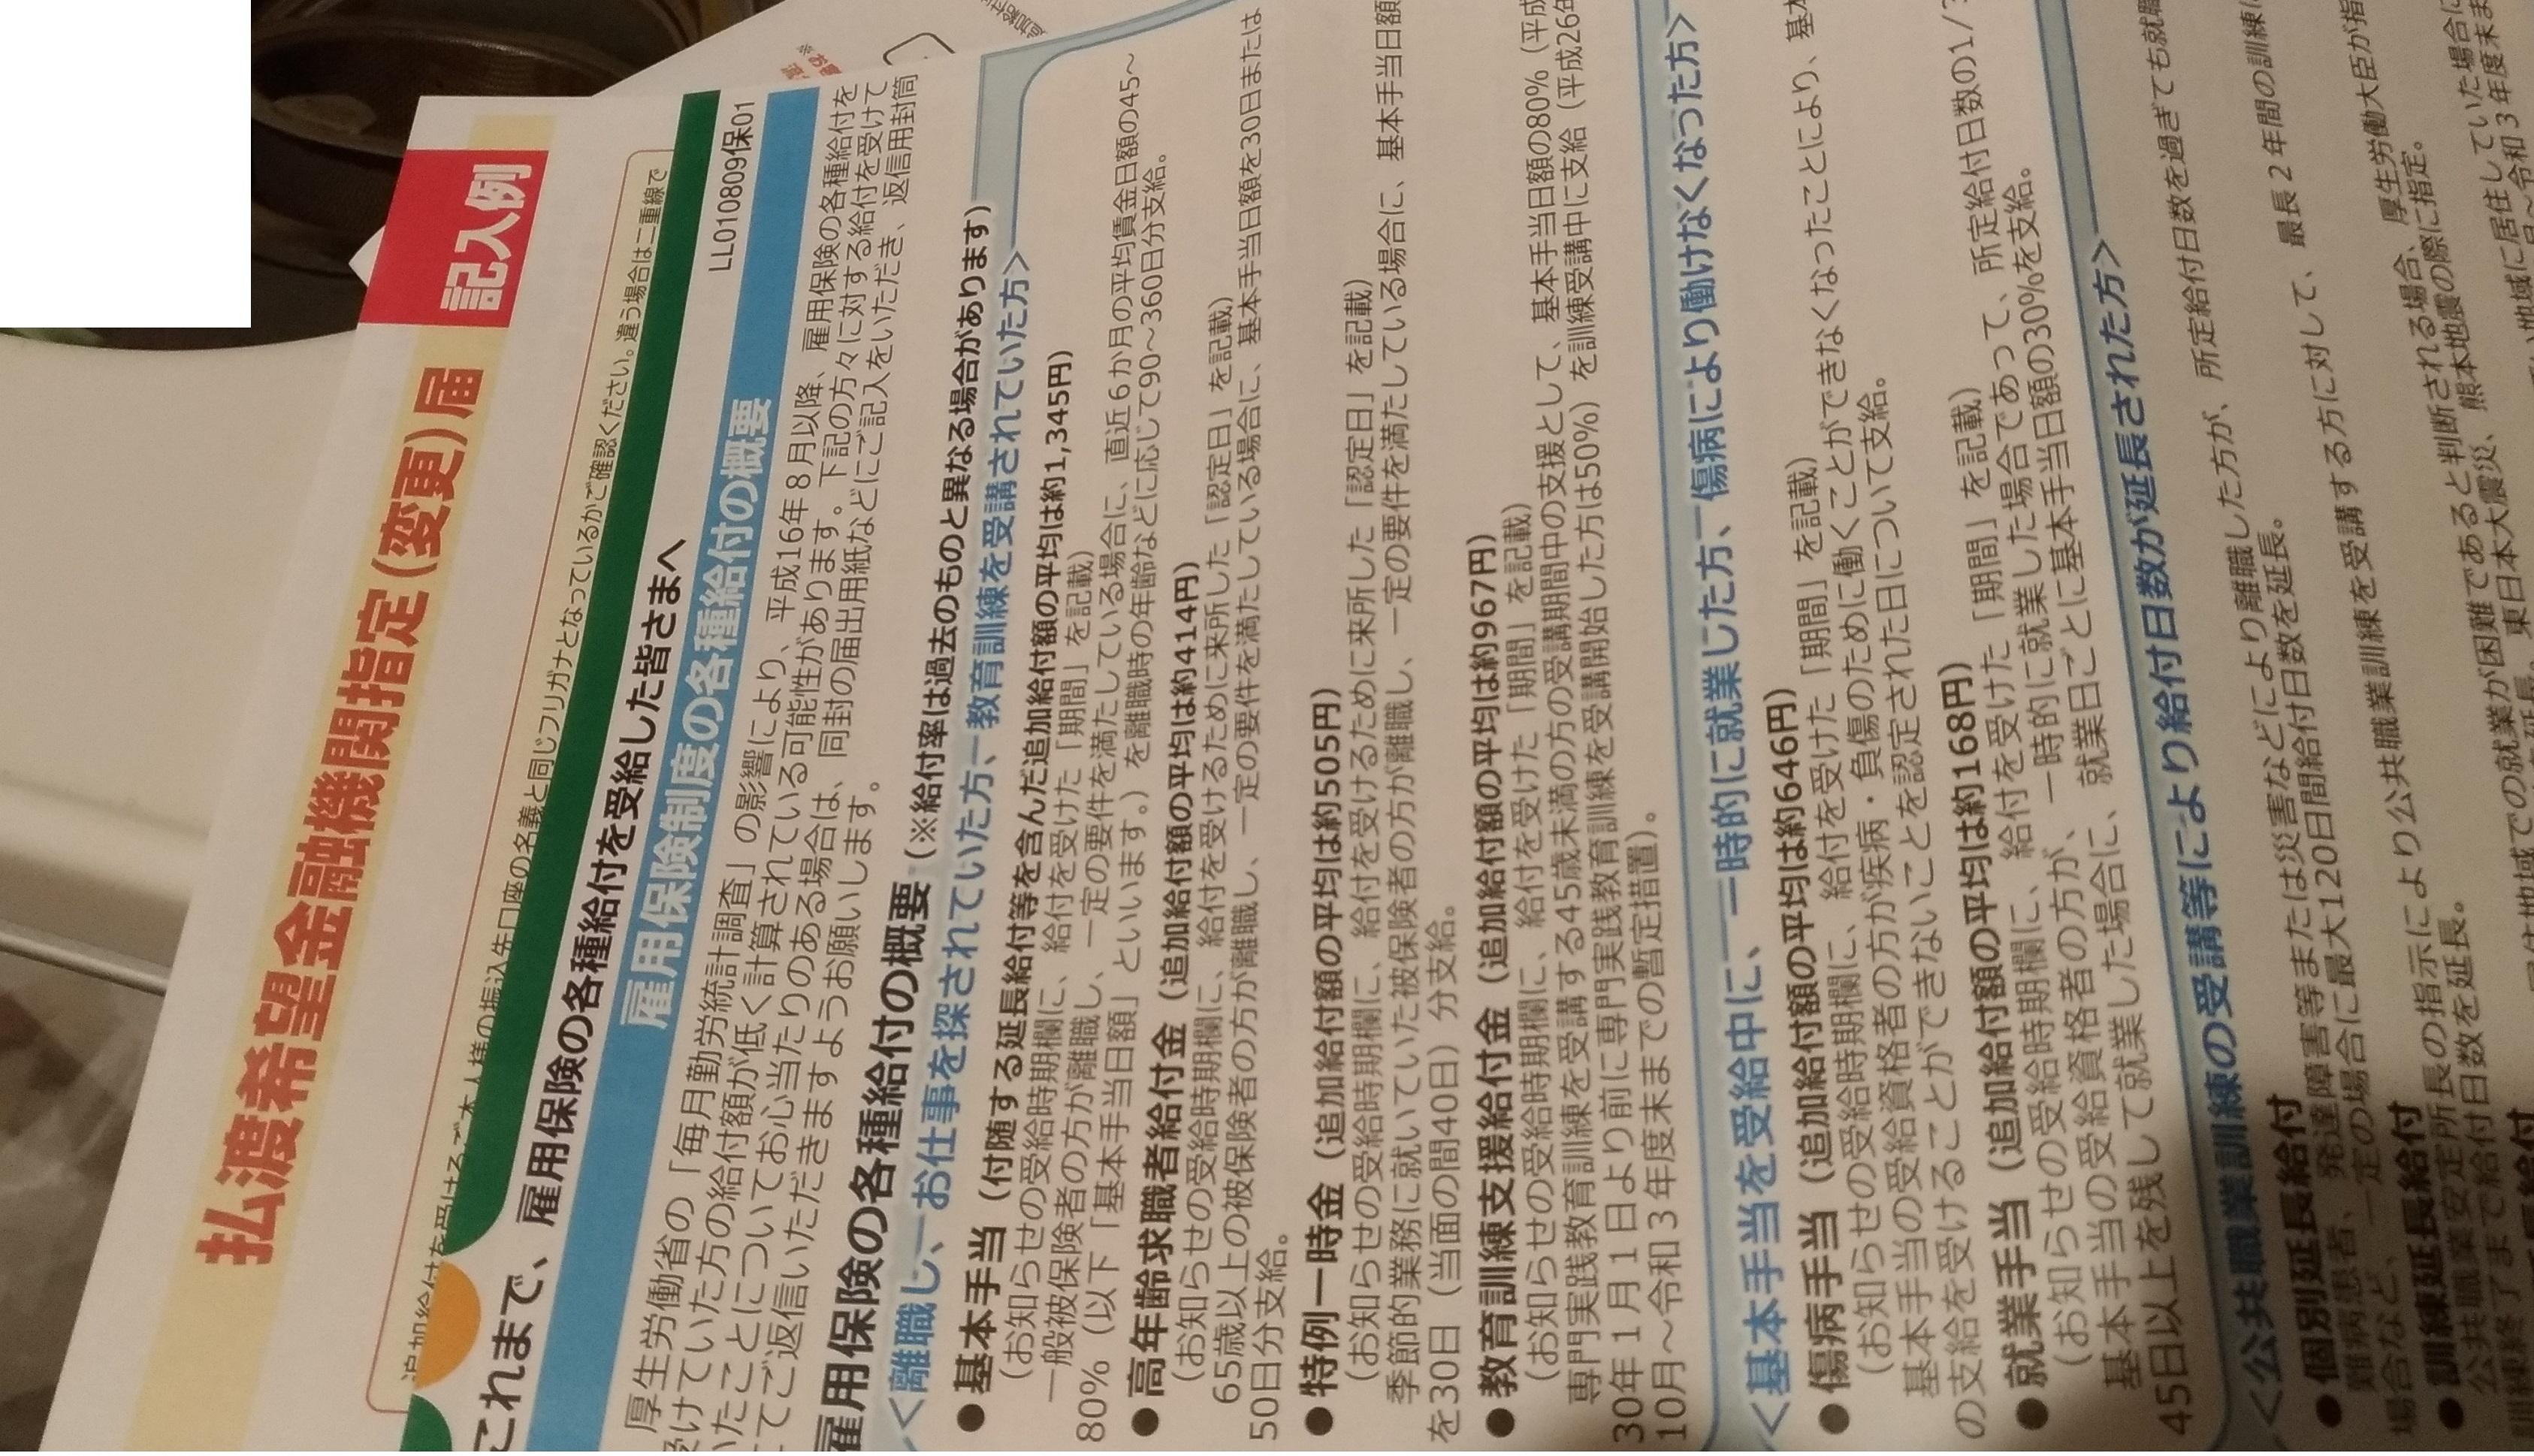 koyohoken_tsuika_kyufu2019_2.jpg